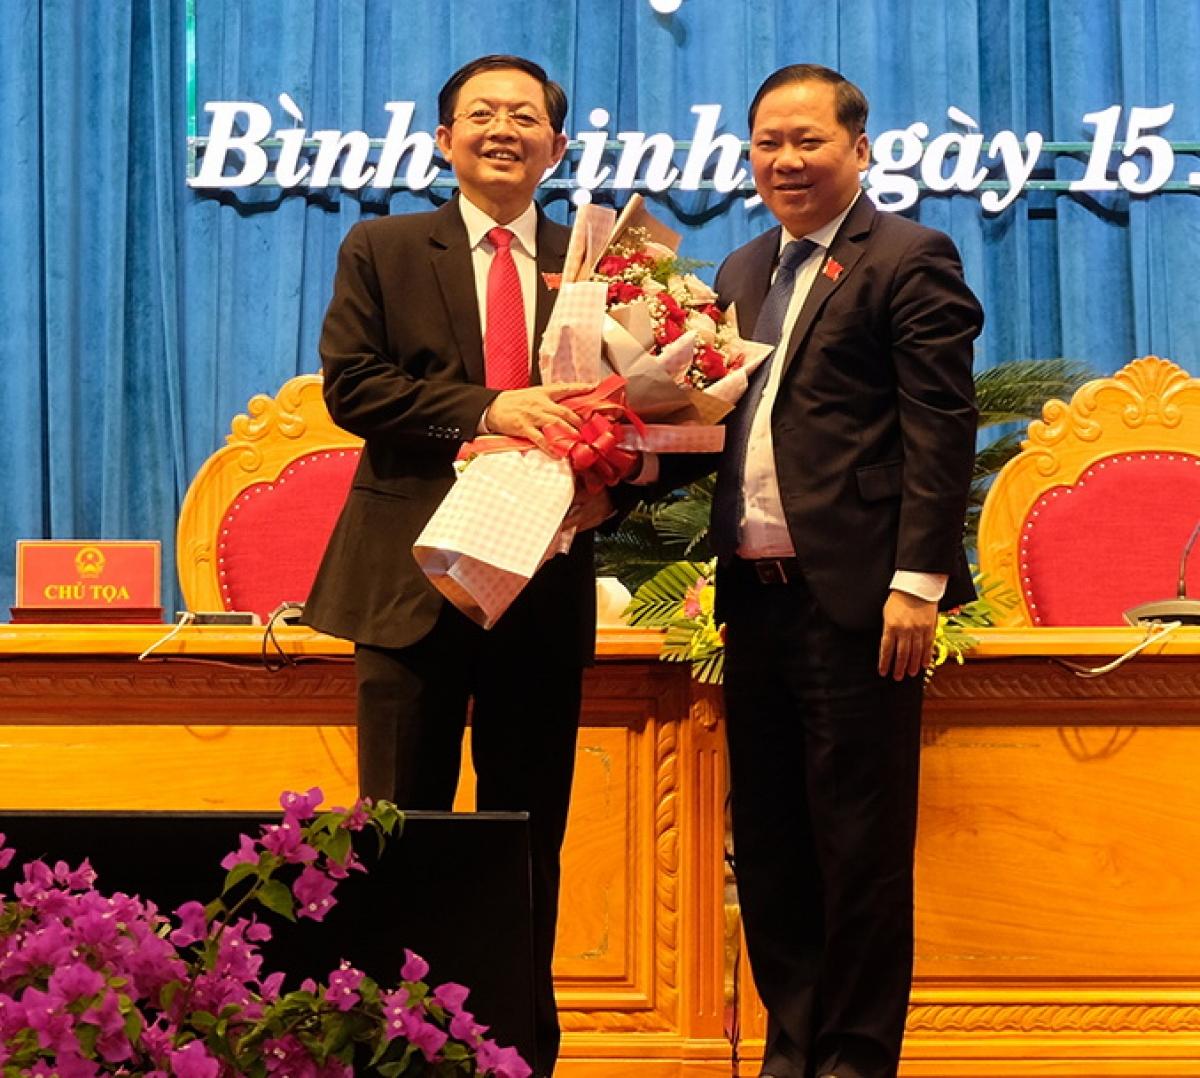 Ông Nguyễn Phi Long, Chủ tịch UBND tỉnh Bình Định (bên phải) tặng hoa ông Hồ Quốc Dũng, Bí thư Tỉnh ủy vừa được bầu lại làm Chủ tịch HĐND tỉnh khóa XIII